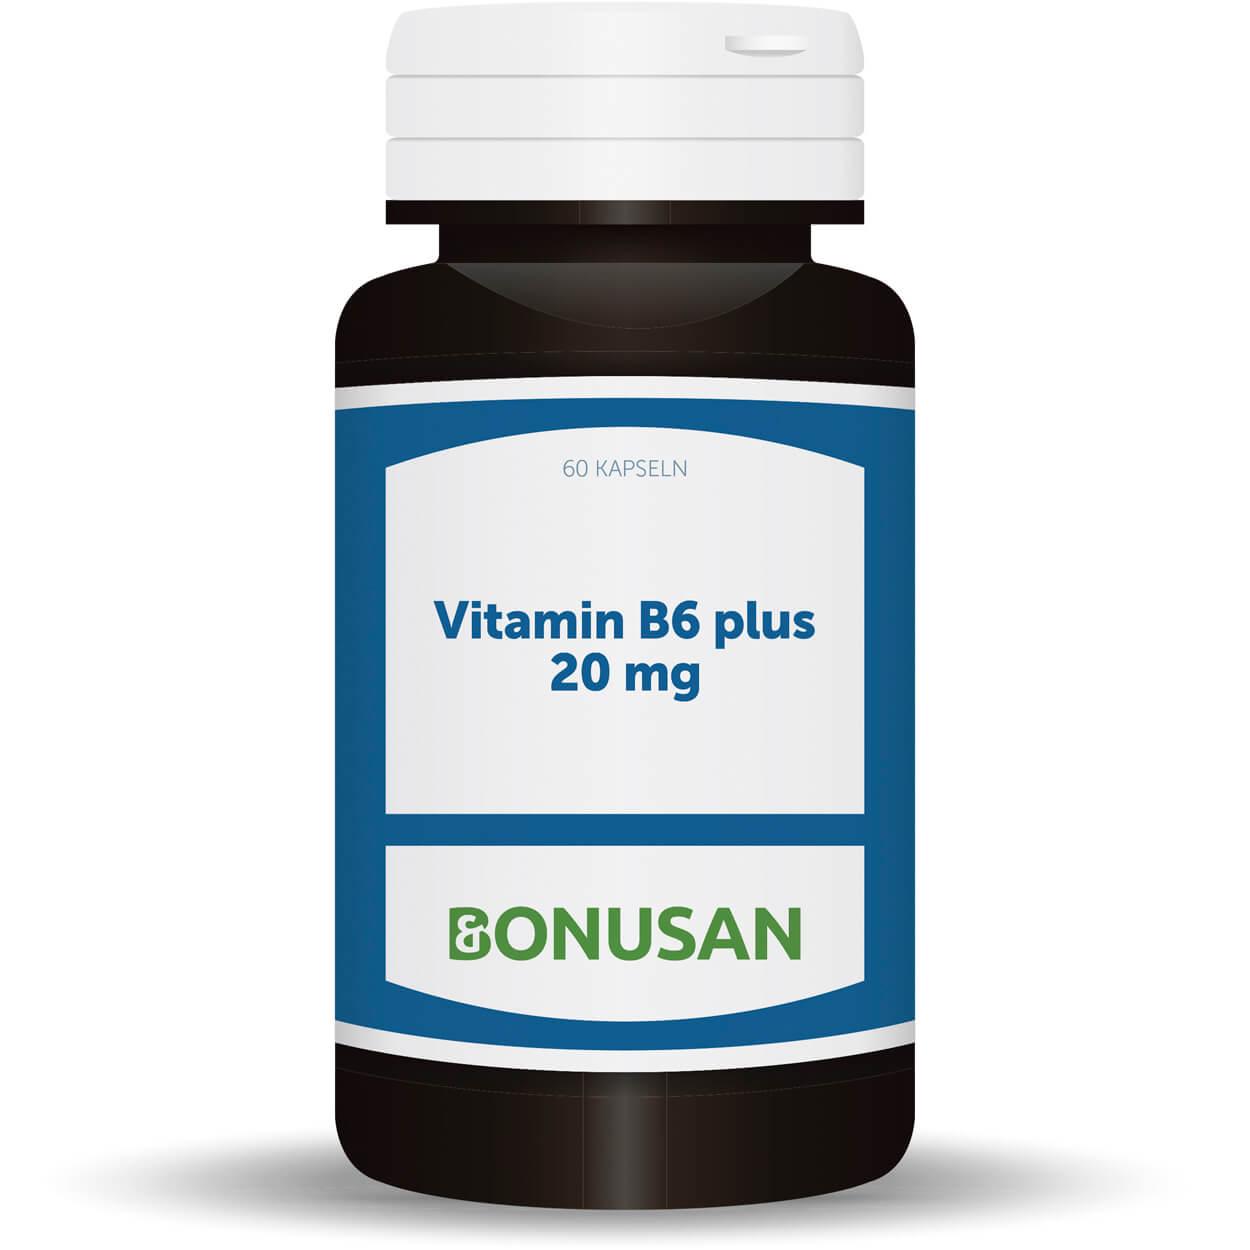 Vitamin B6 Plus 20 mg, 60 Stk.